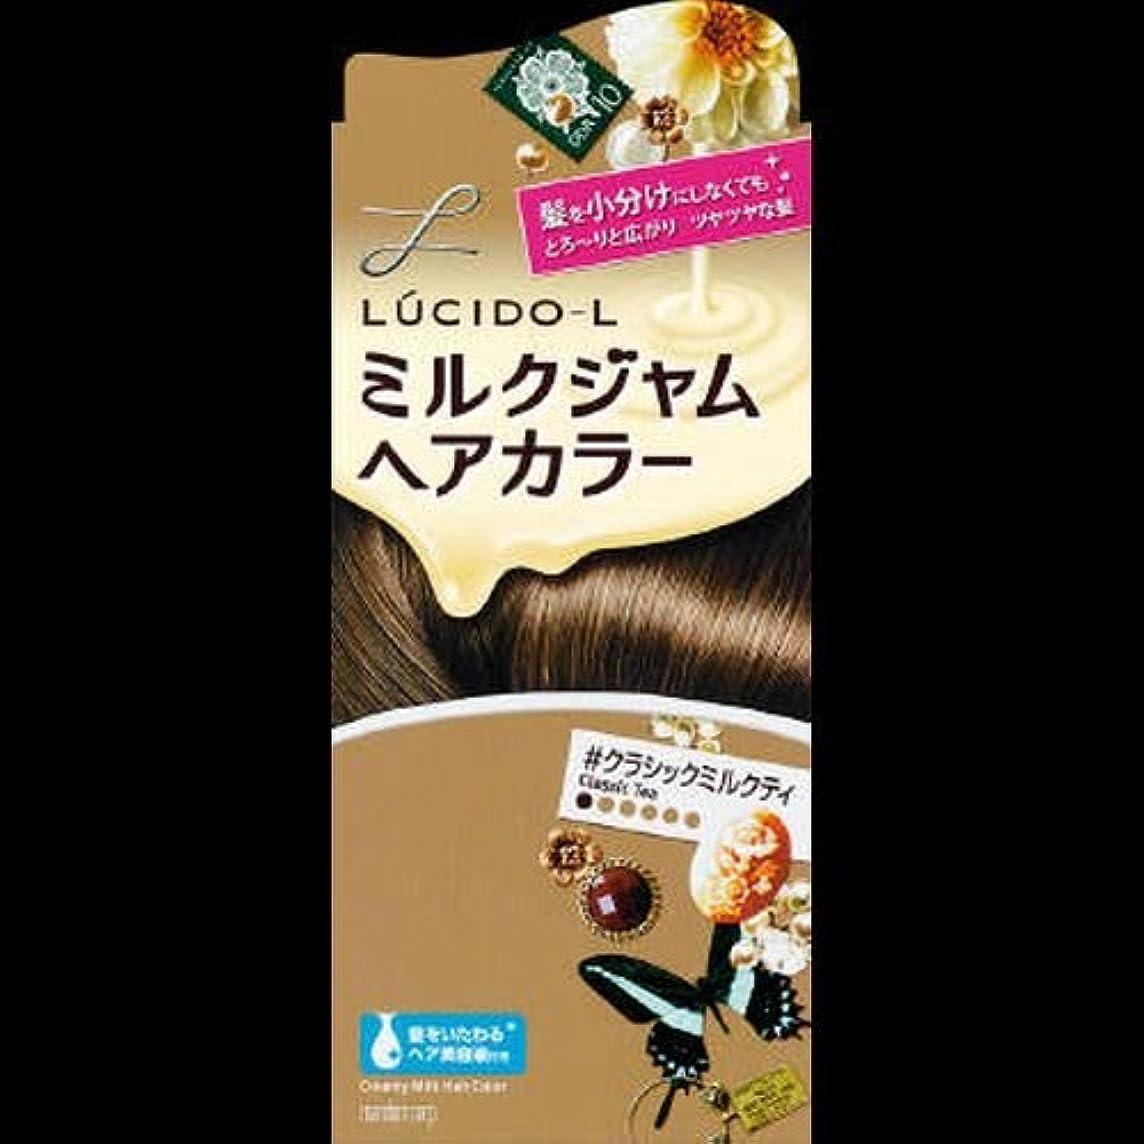 失蜂毎日【まとめ買い】ルシードエル ミルクジャムヘアカラー クラシックミルクティ ×2セット